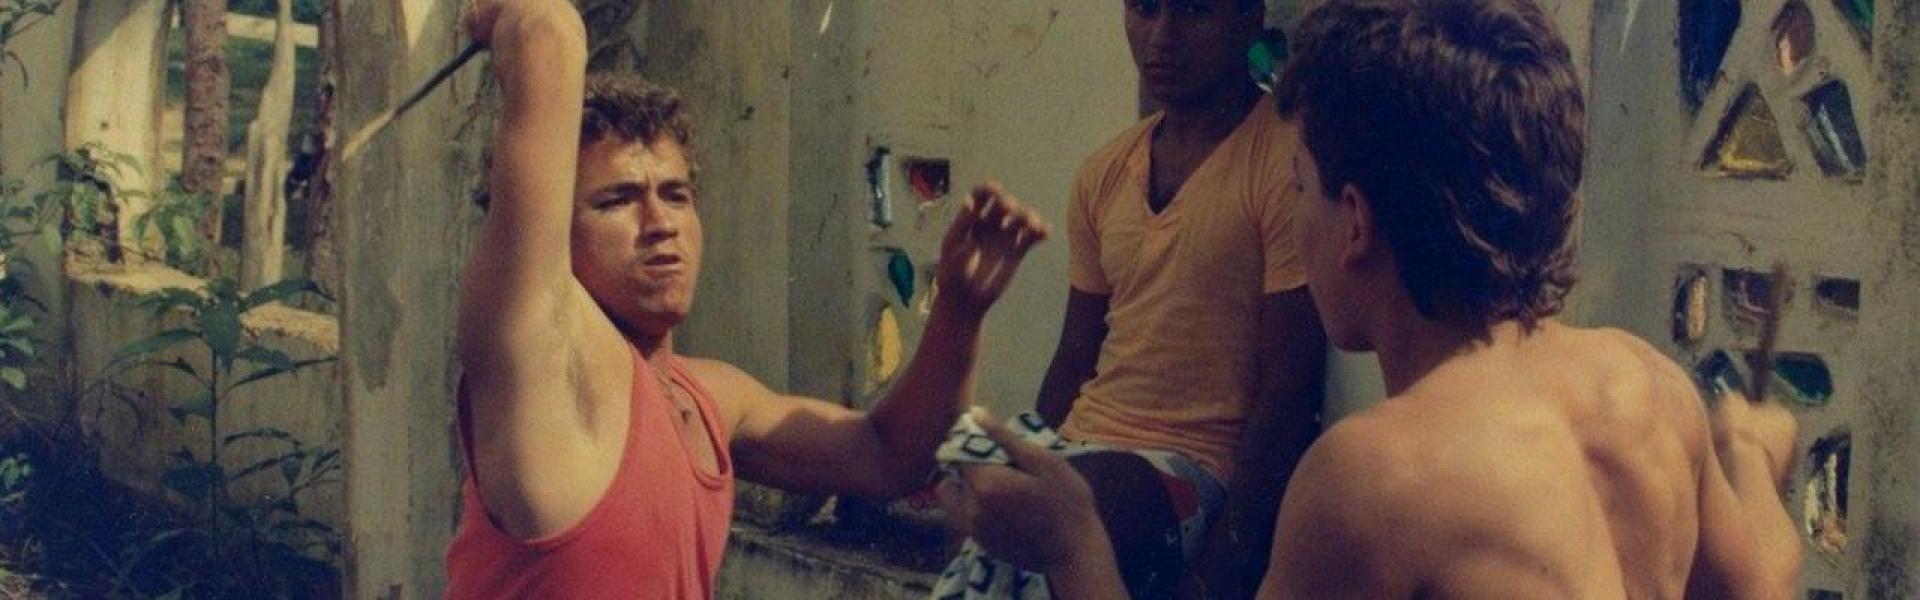 Protagonistas de la película 'Rodrigo D no futuro' en una pelea a cuchillo